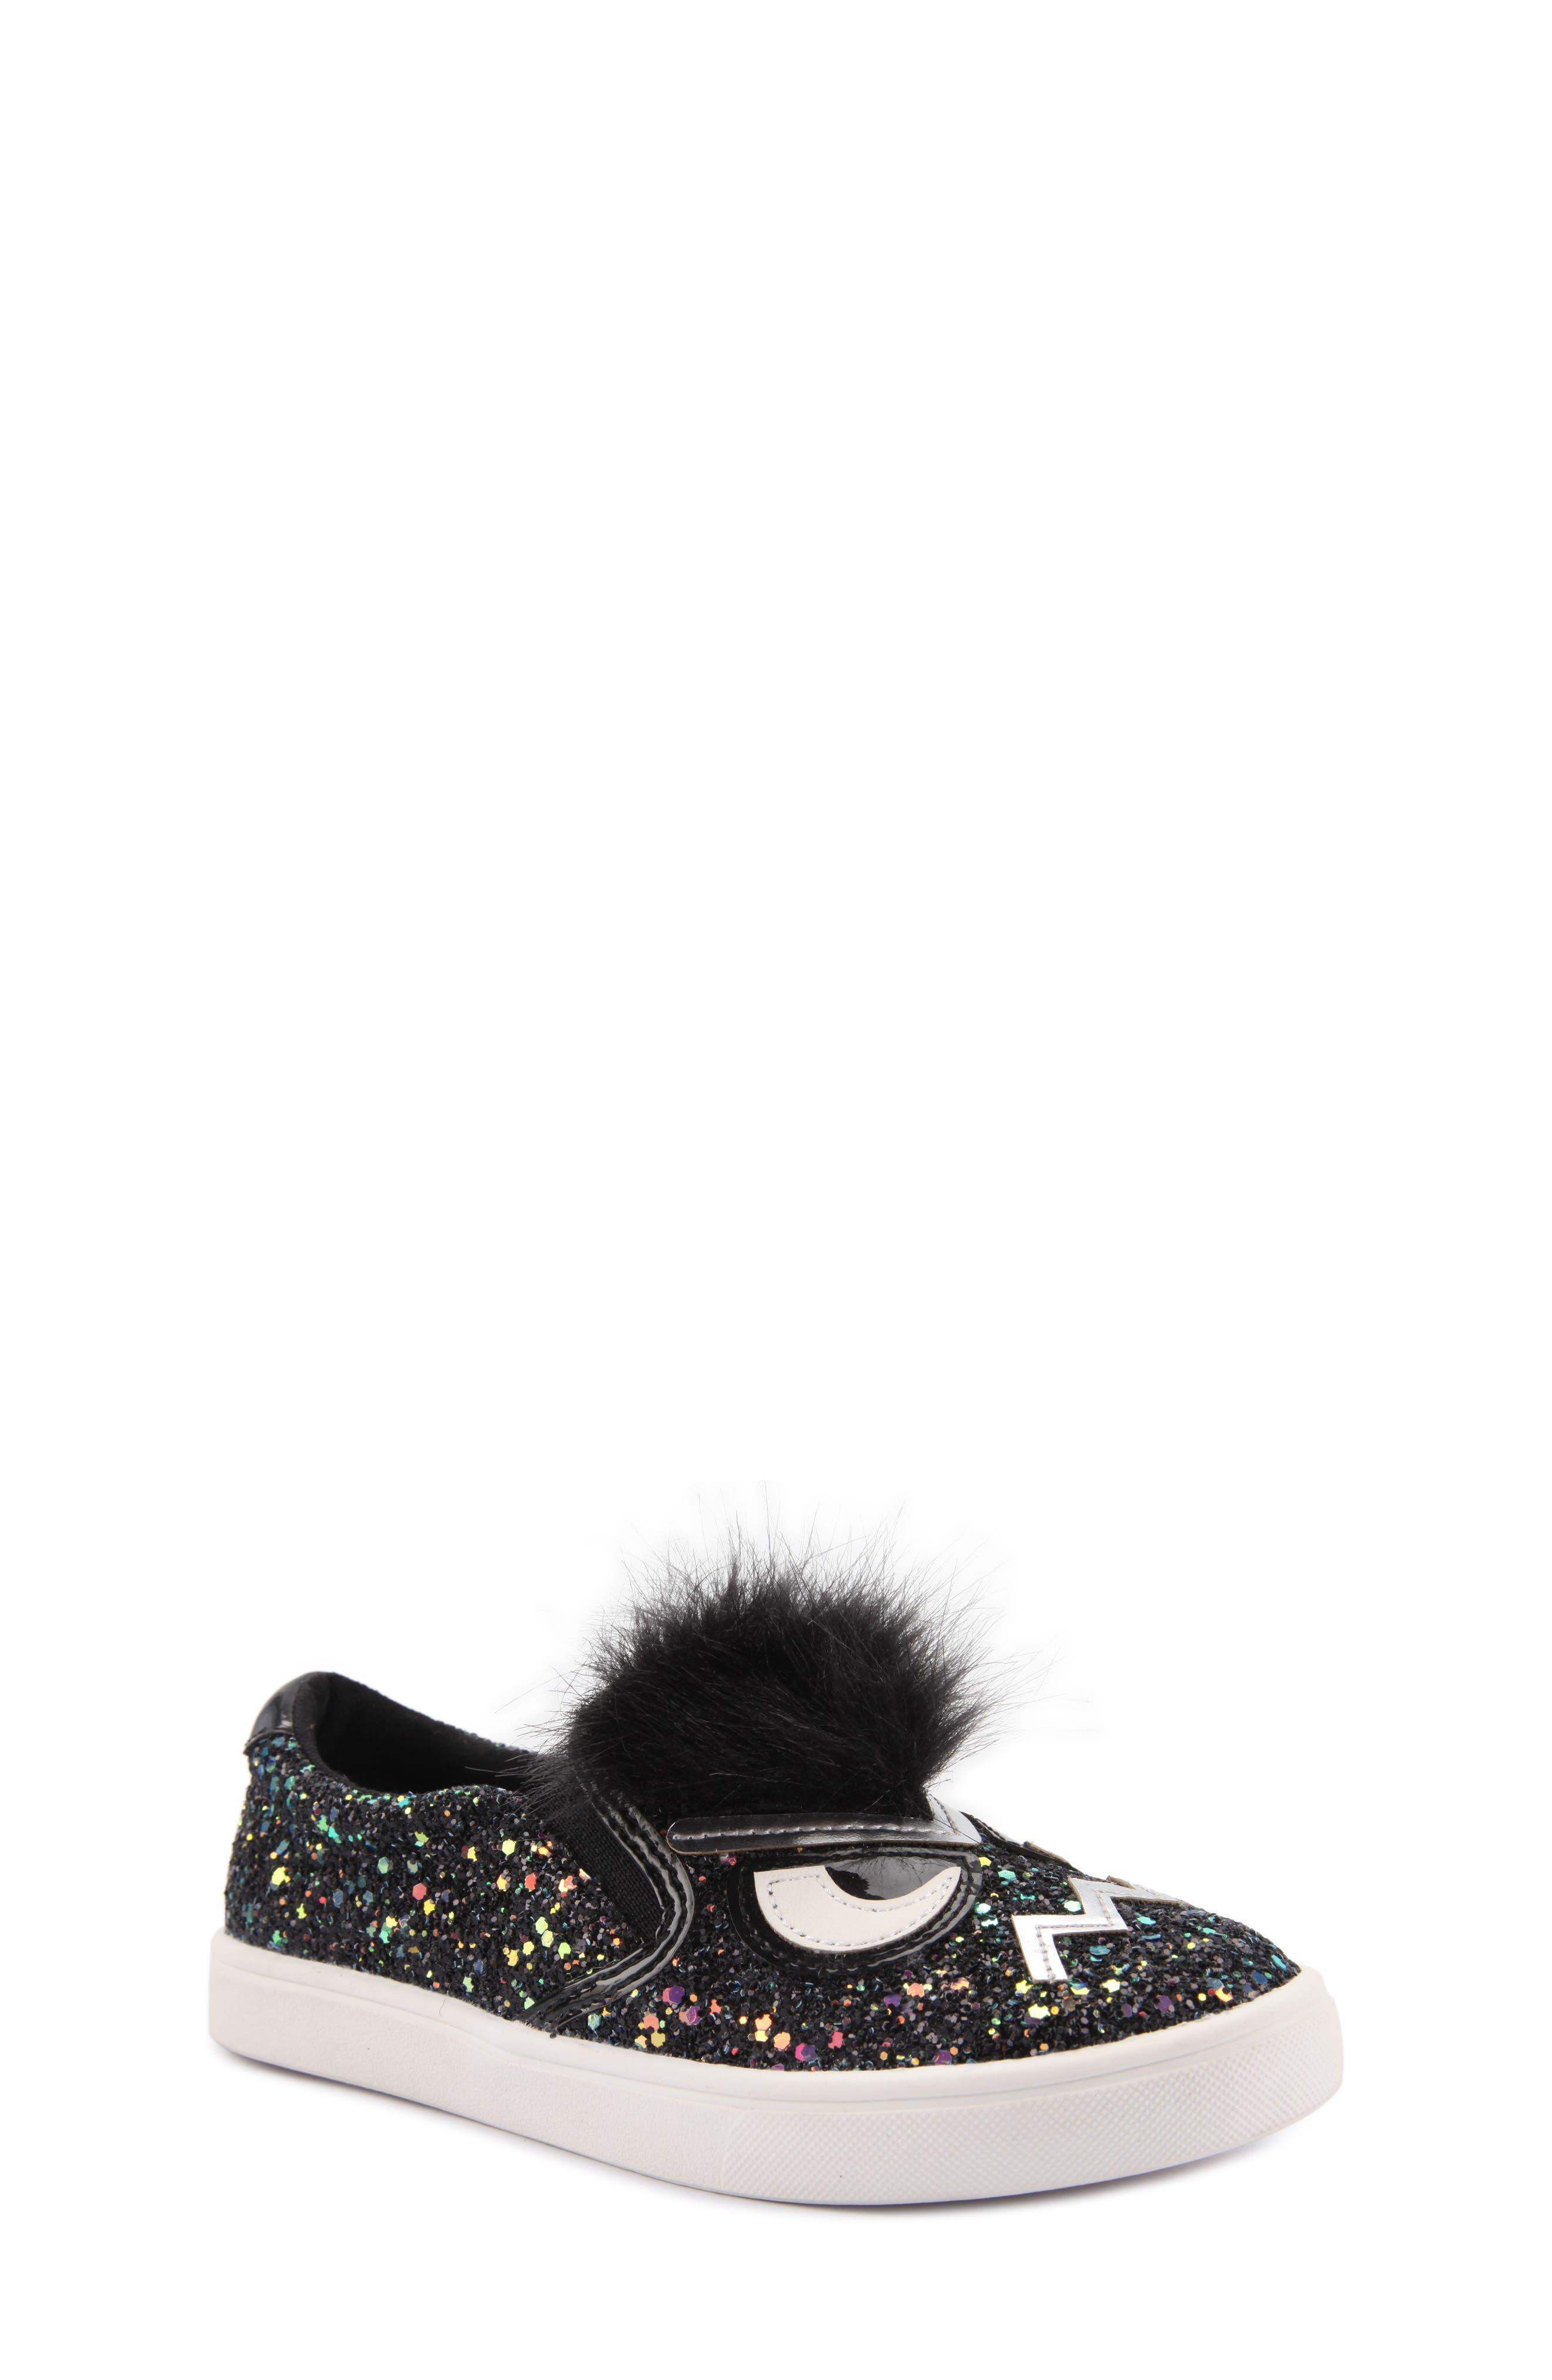 Alternate Image 1 Selected - Nina Alyx Faux Fur Glittery Slip-On Sneaker (Walker & Toddler)